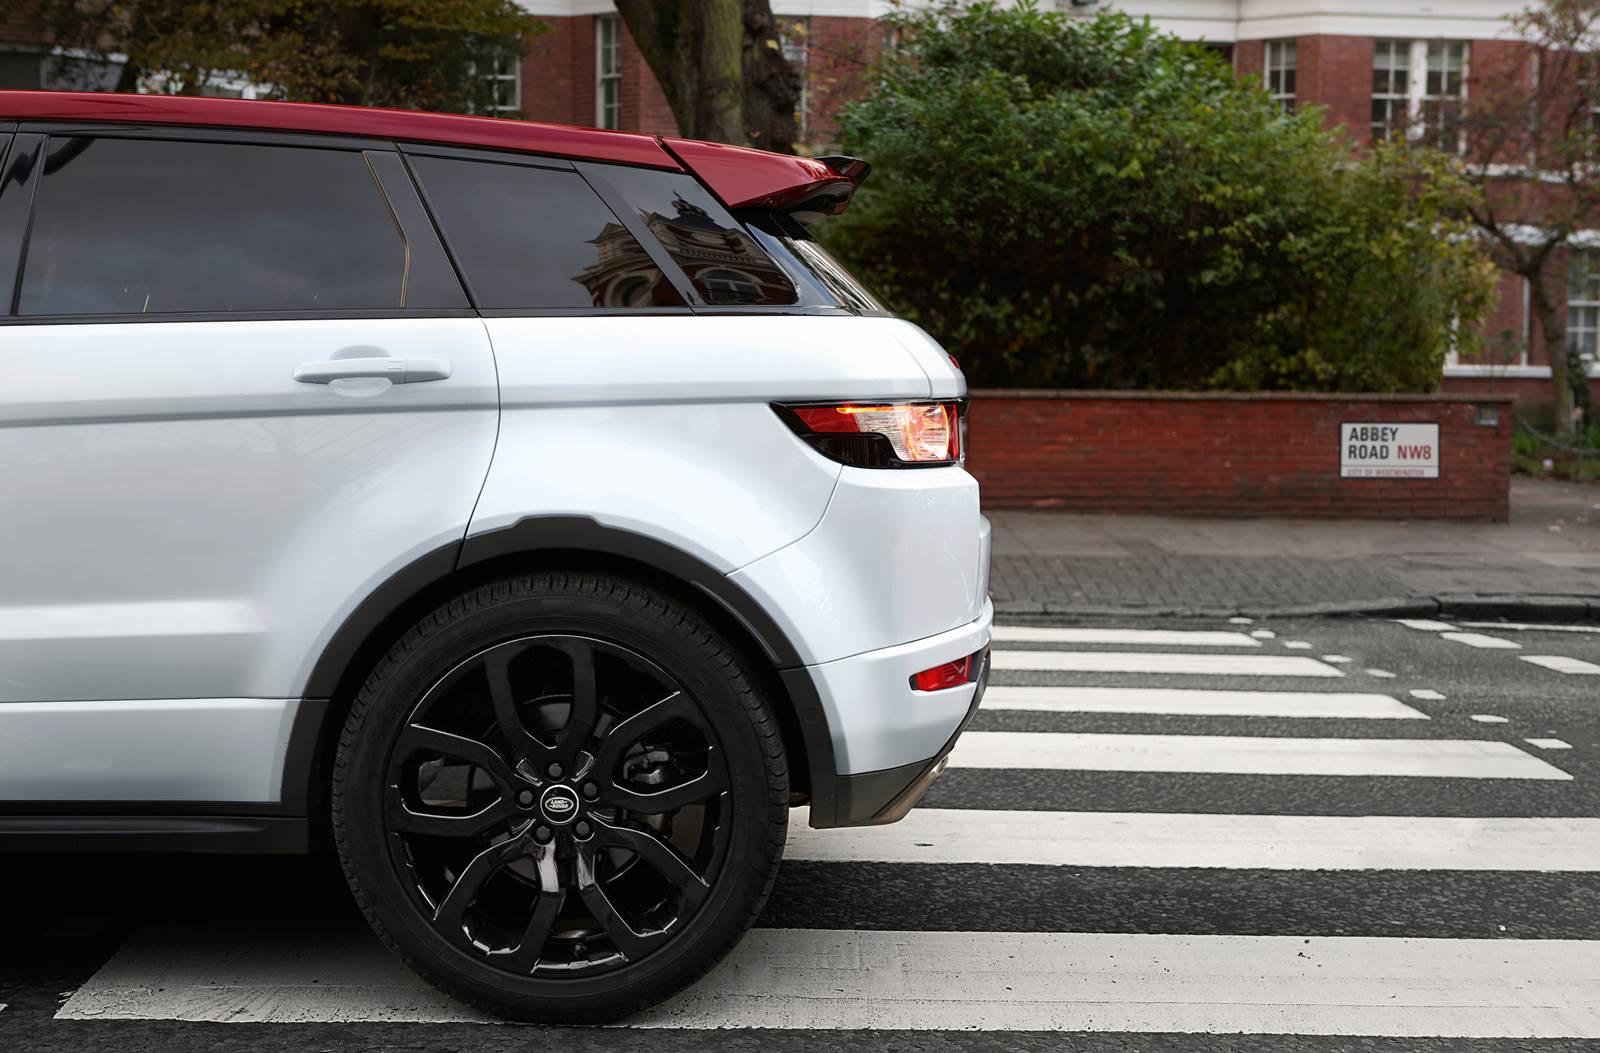 Range Rover Evoque Nw8 Inspirada Em Disco Dos Beetles Car Blog Br